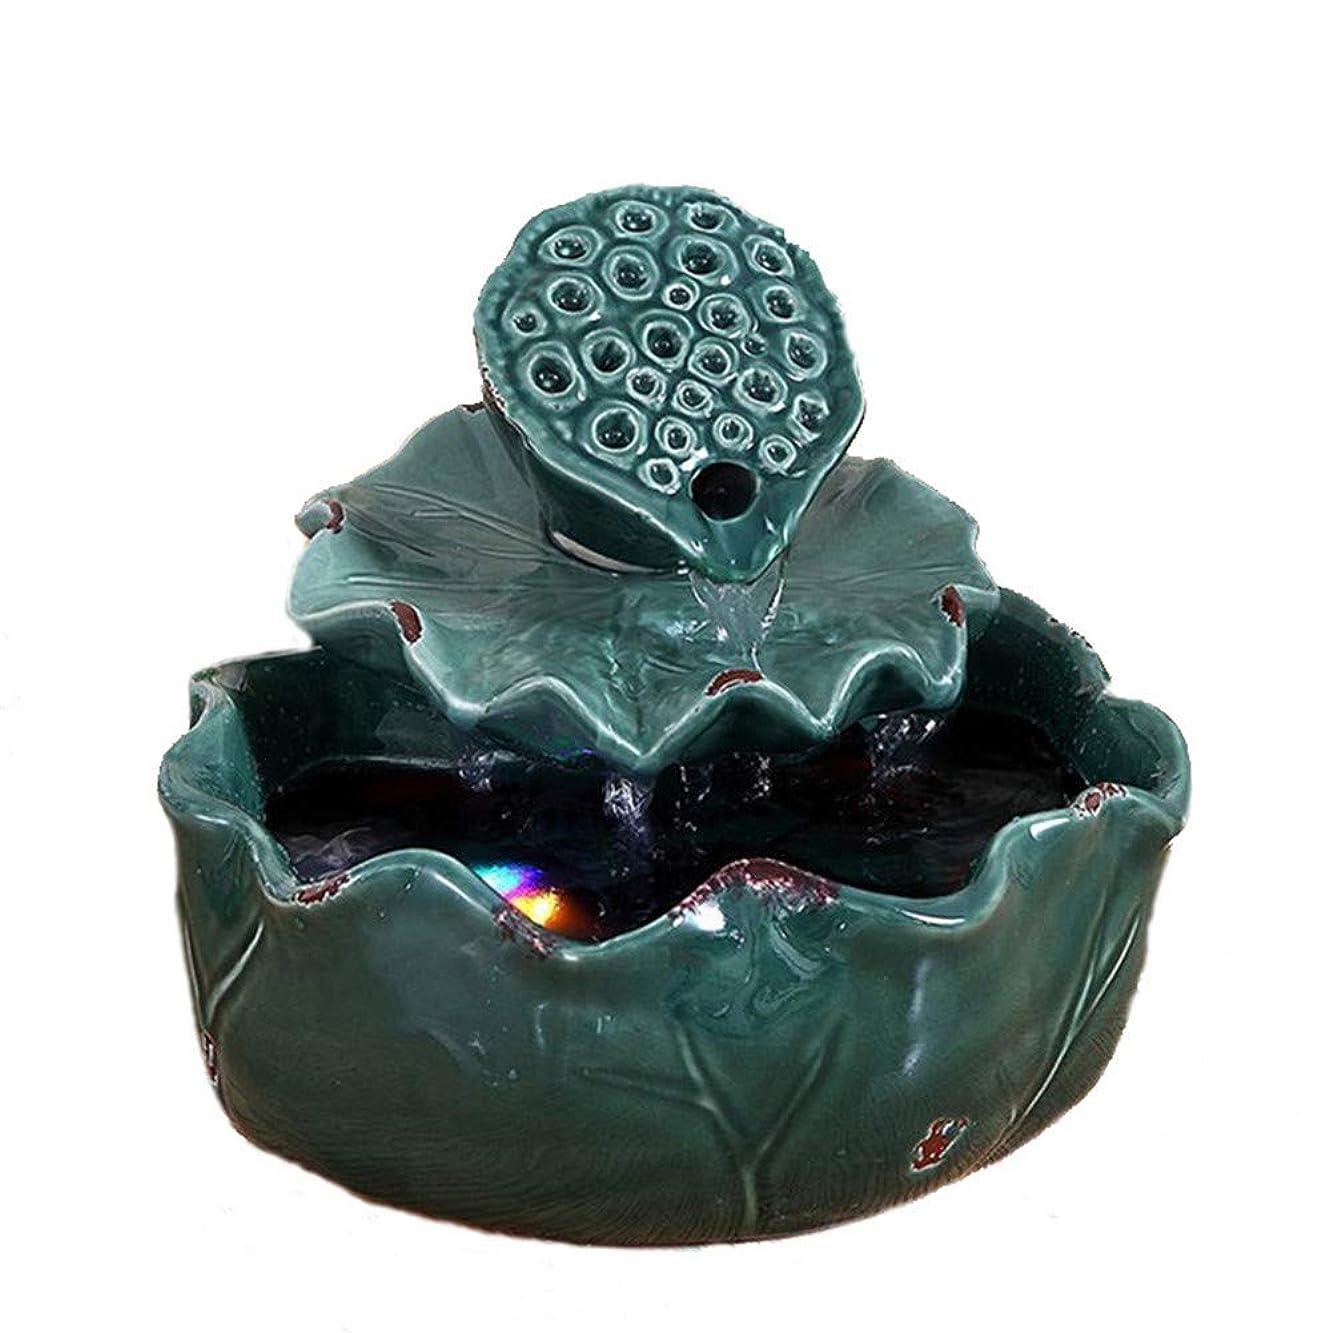 スイアーサーコナンドイル起こる空気加湿器クリエイティブロータス卓上装飾装飾セラミック工芸絶妙なギフト